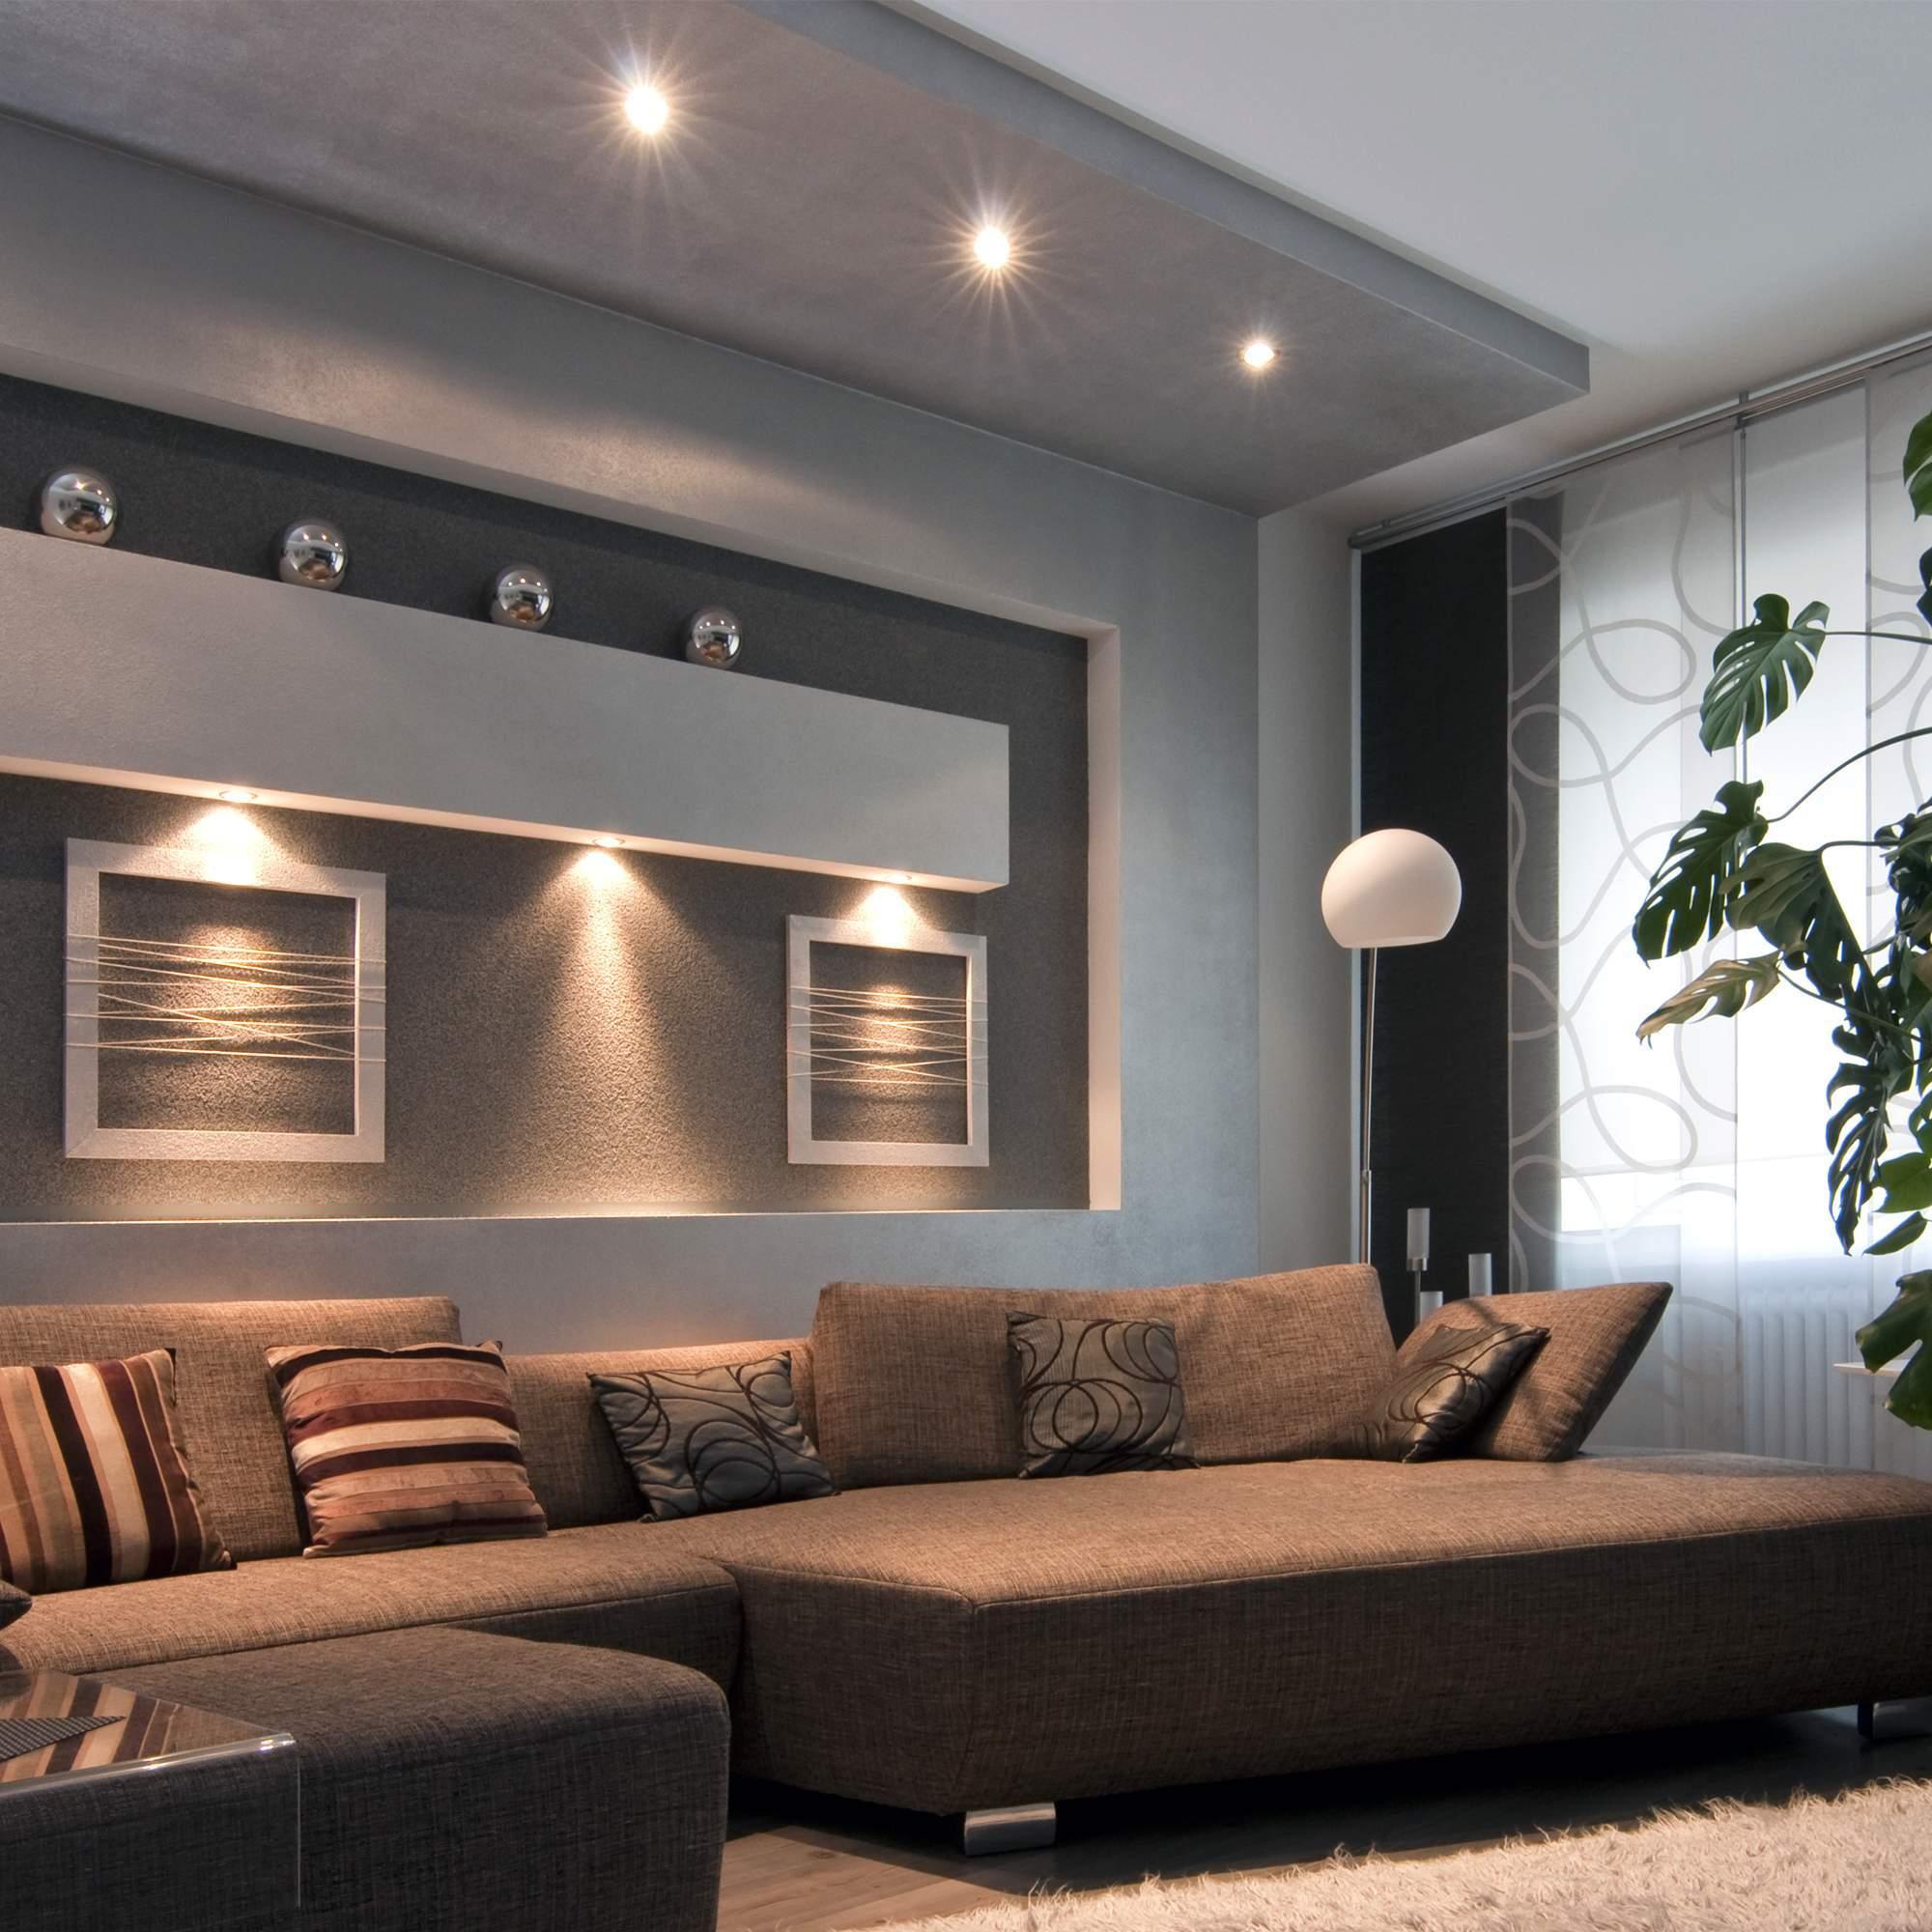 Full Size of Einbau Deckenstrahler Wohnzimmer Lampe Moderne Led Dimmbar Genial Luxus Teppiche Relaxliege Vitrine Hängeschrank Weiß Hochglanz Hängelampe Komplett Wohnzimmer Wohnzimmer Deckenstrahler